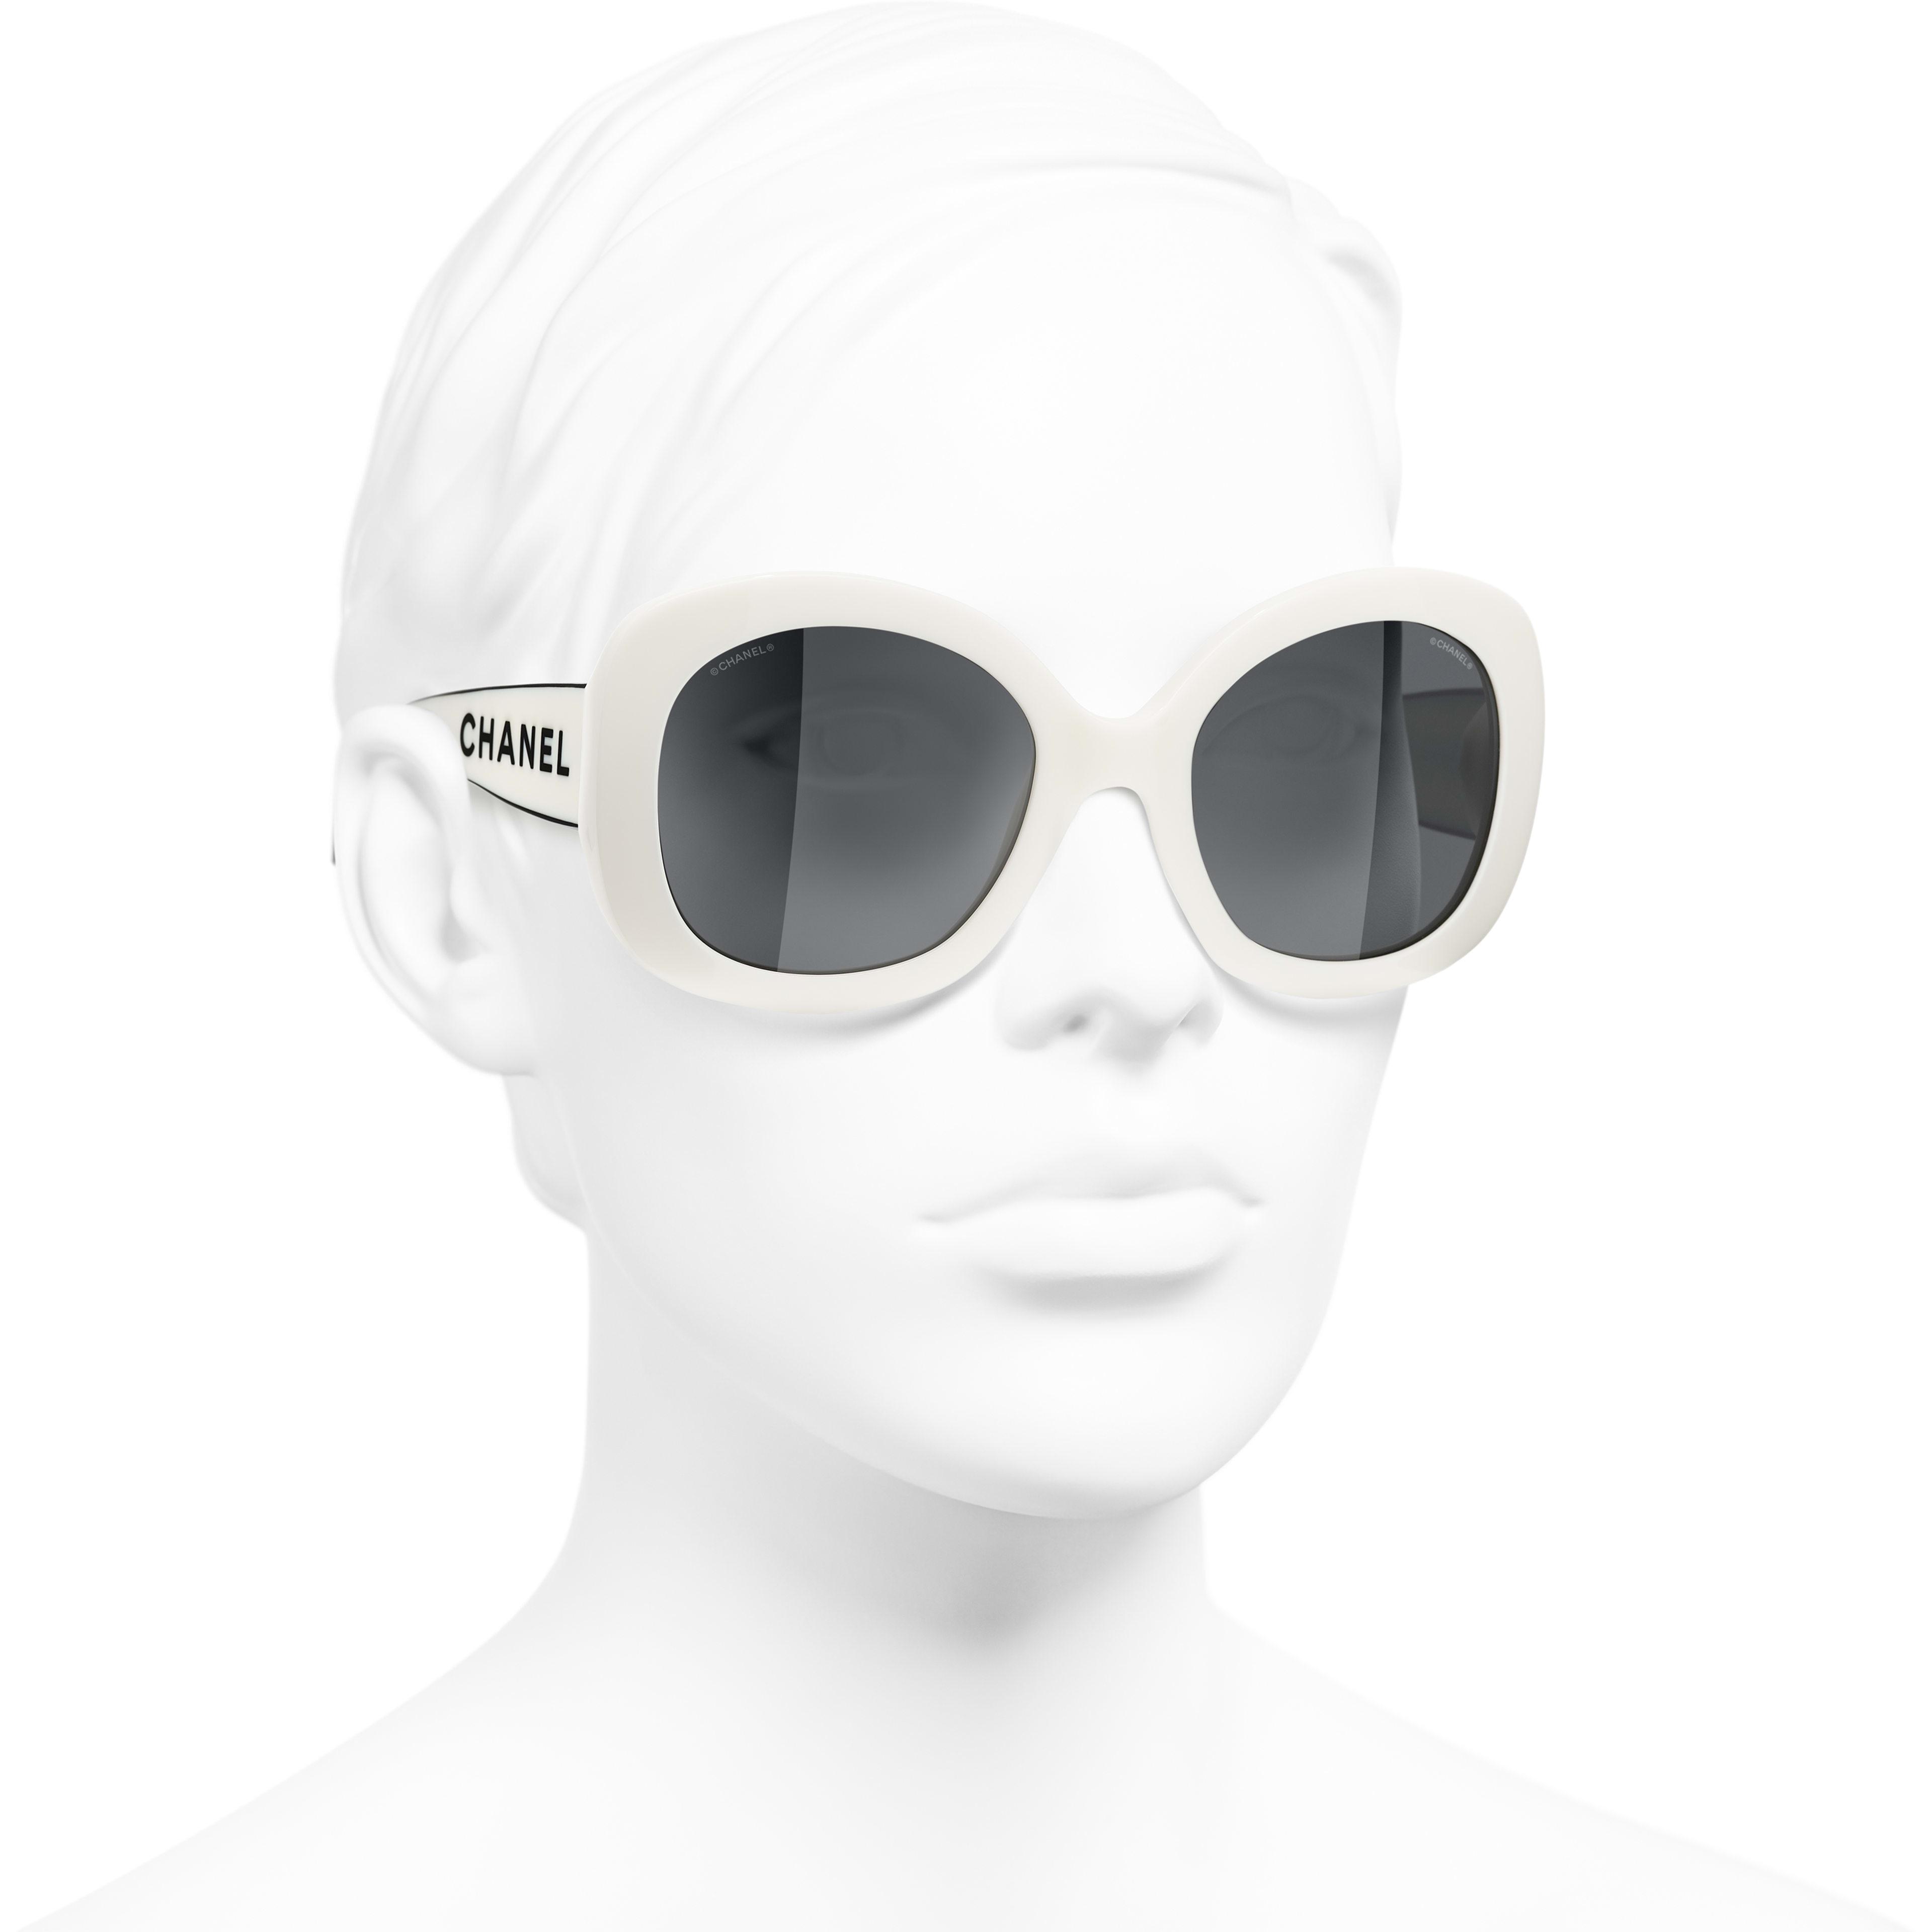 Gafas de sol cuadradas - Blanco - Acetato - CHANEL - Vista de medio perfil del producto puesto - ver la versión tamaño estándar